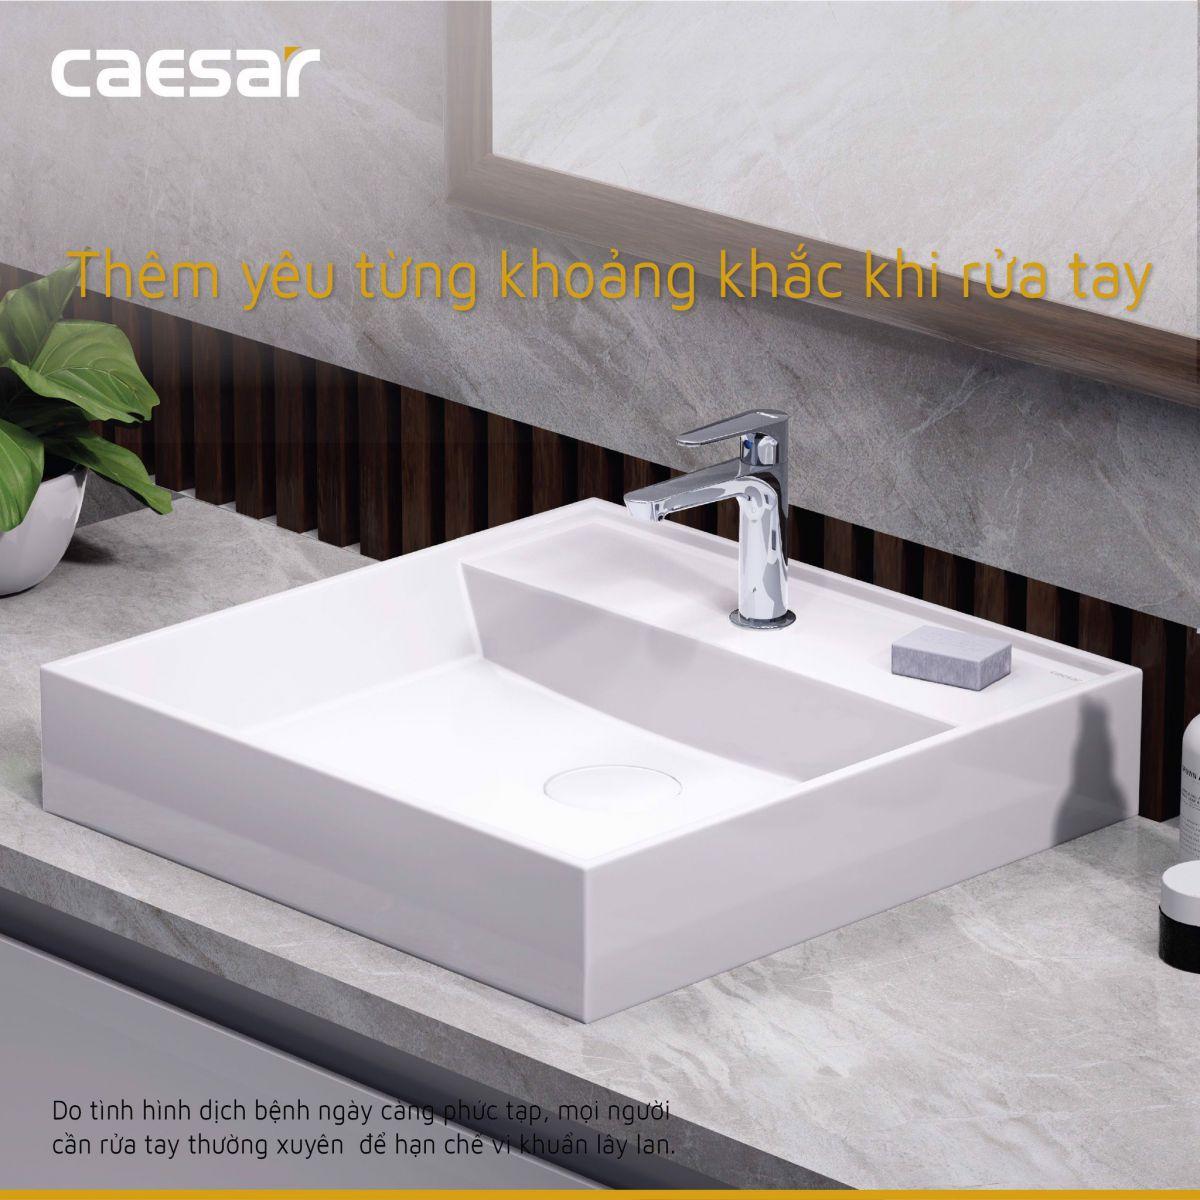 VOI LAVABO CAESAR B060C